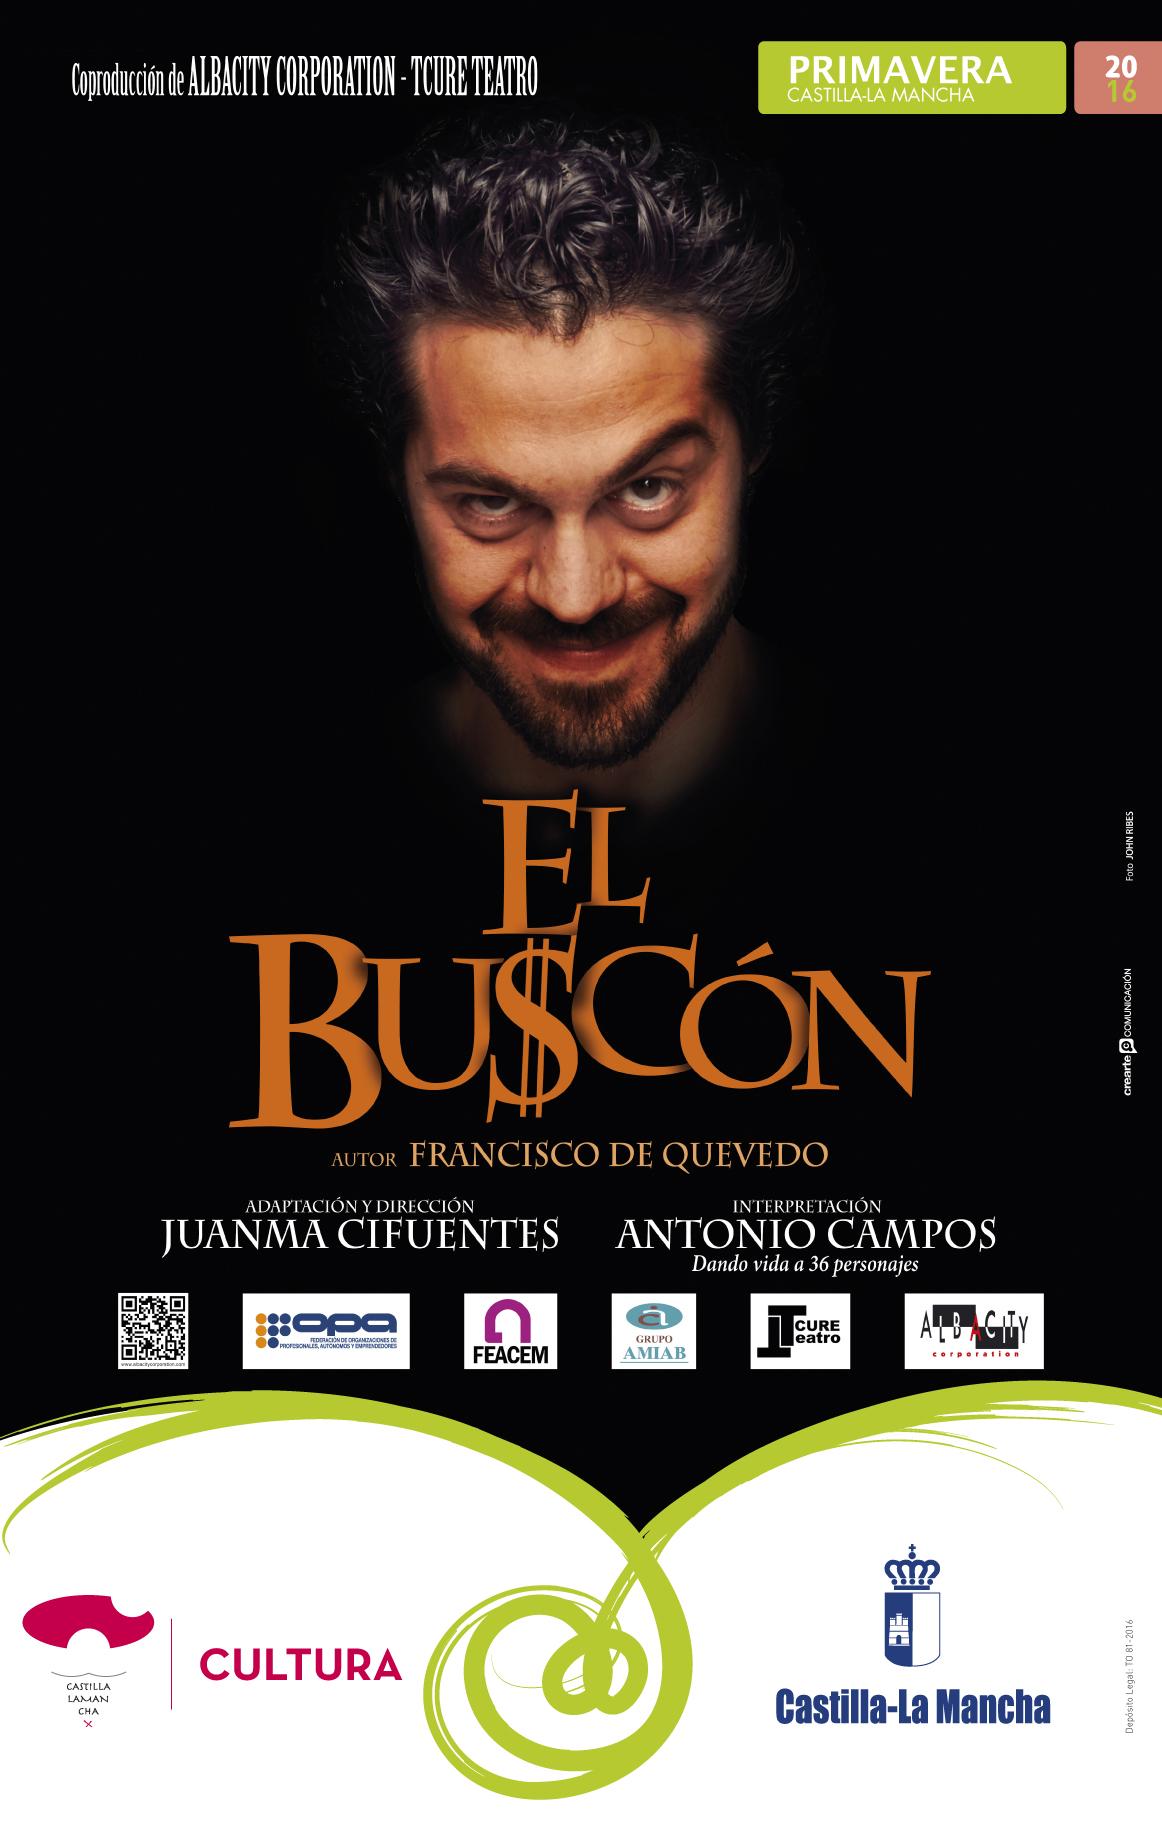 Resultado de imagen de EL BUSCON JCCM